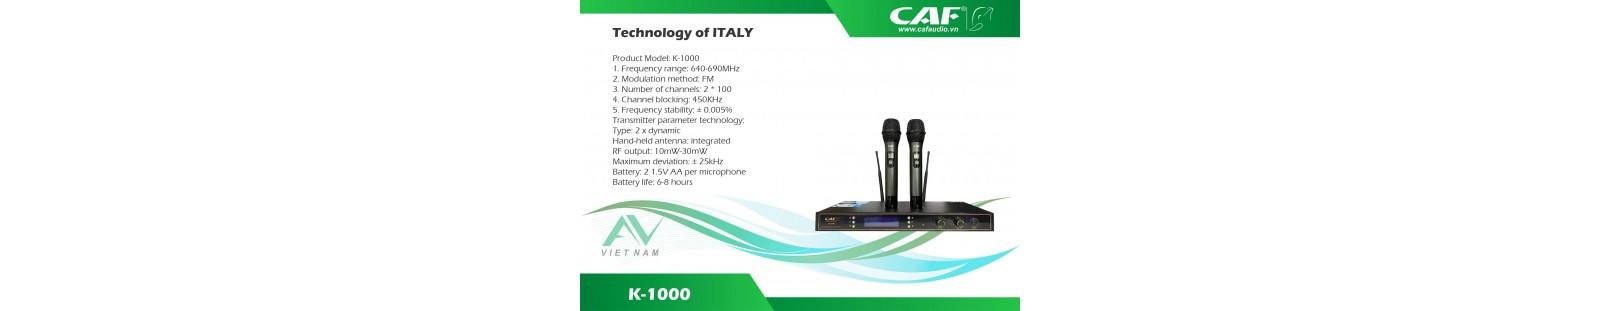 CAF K-1000